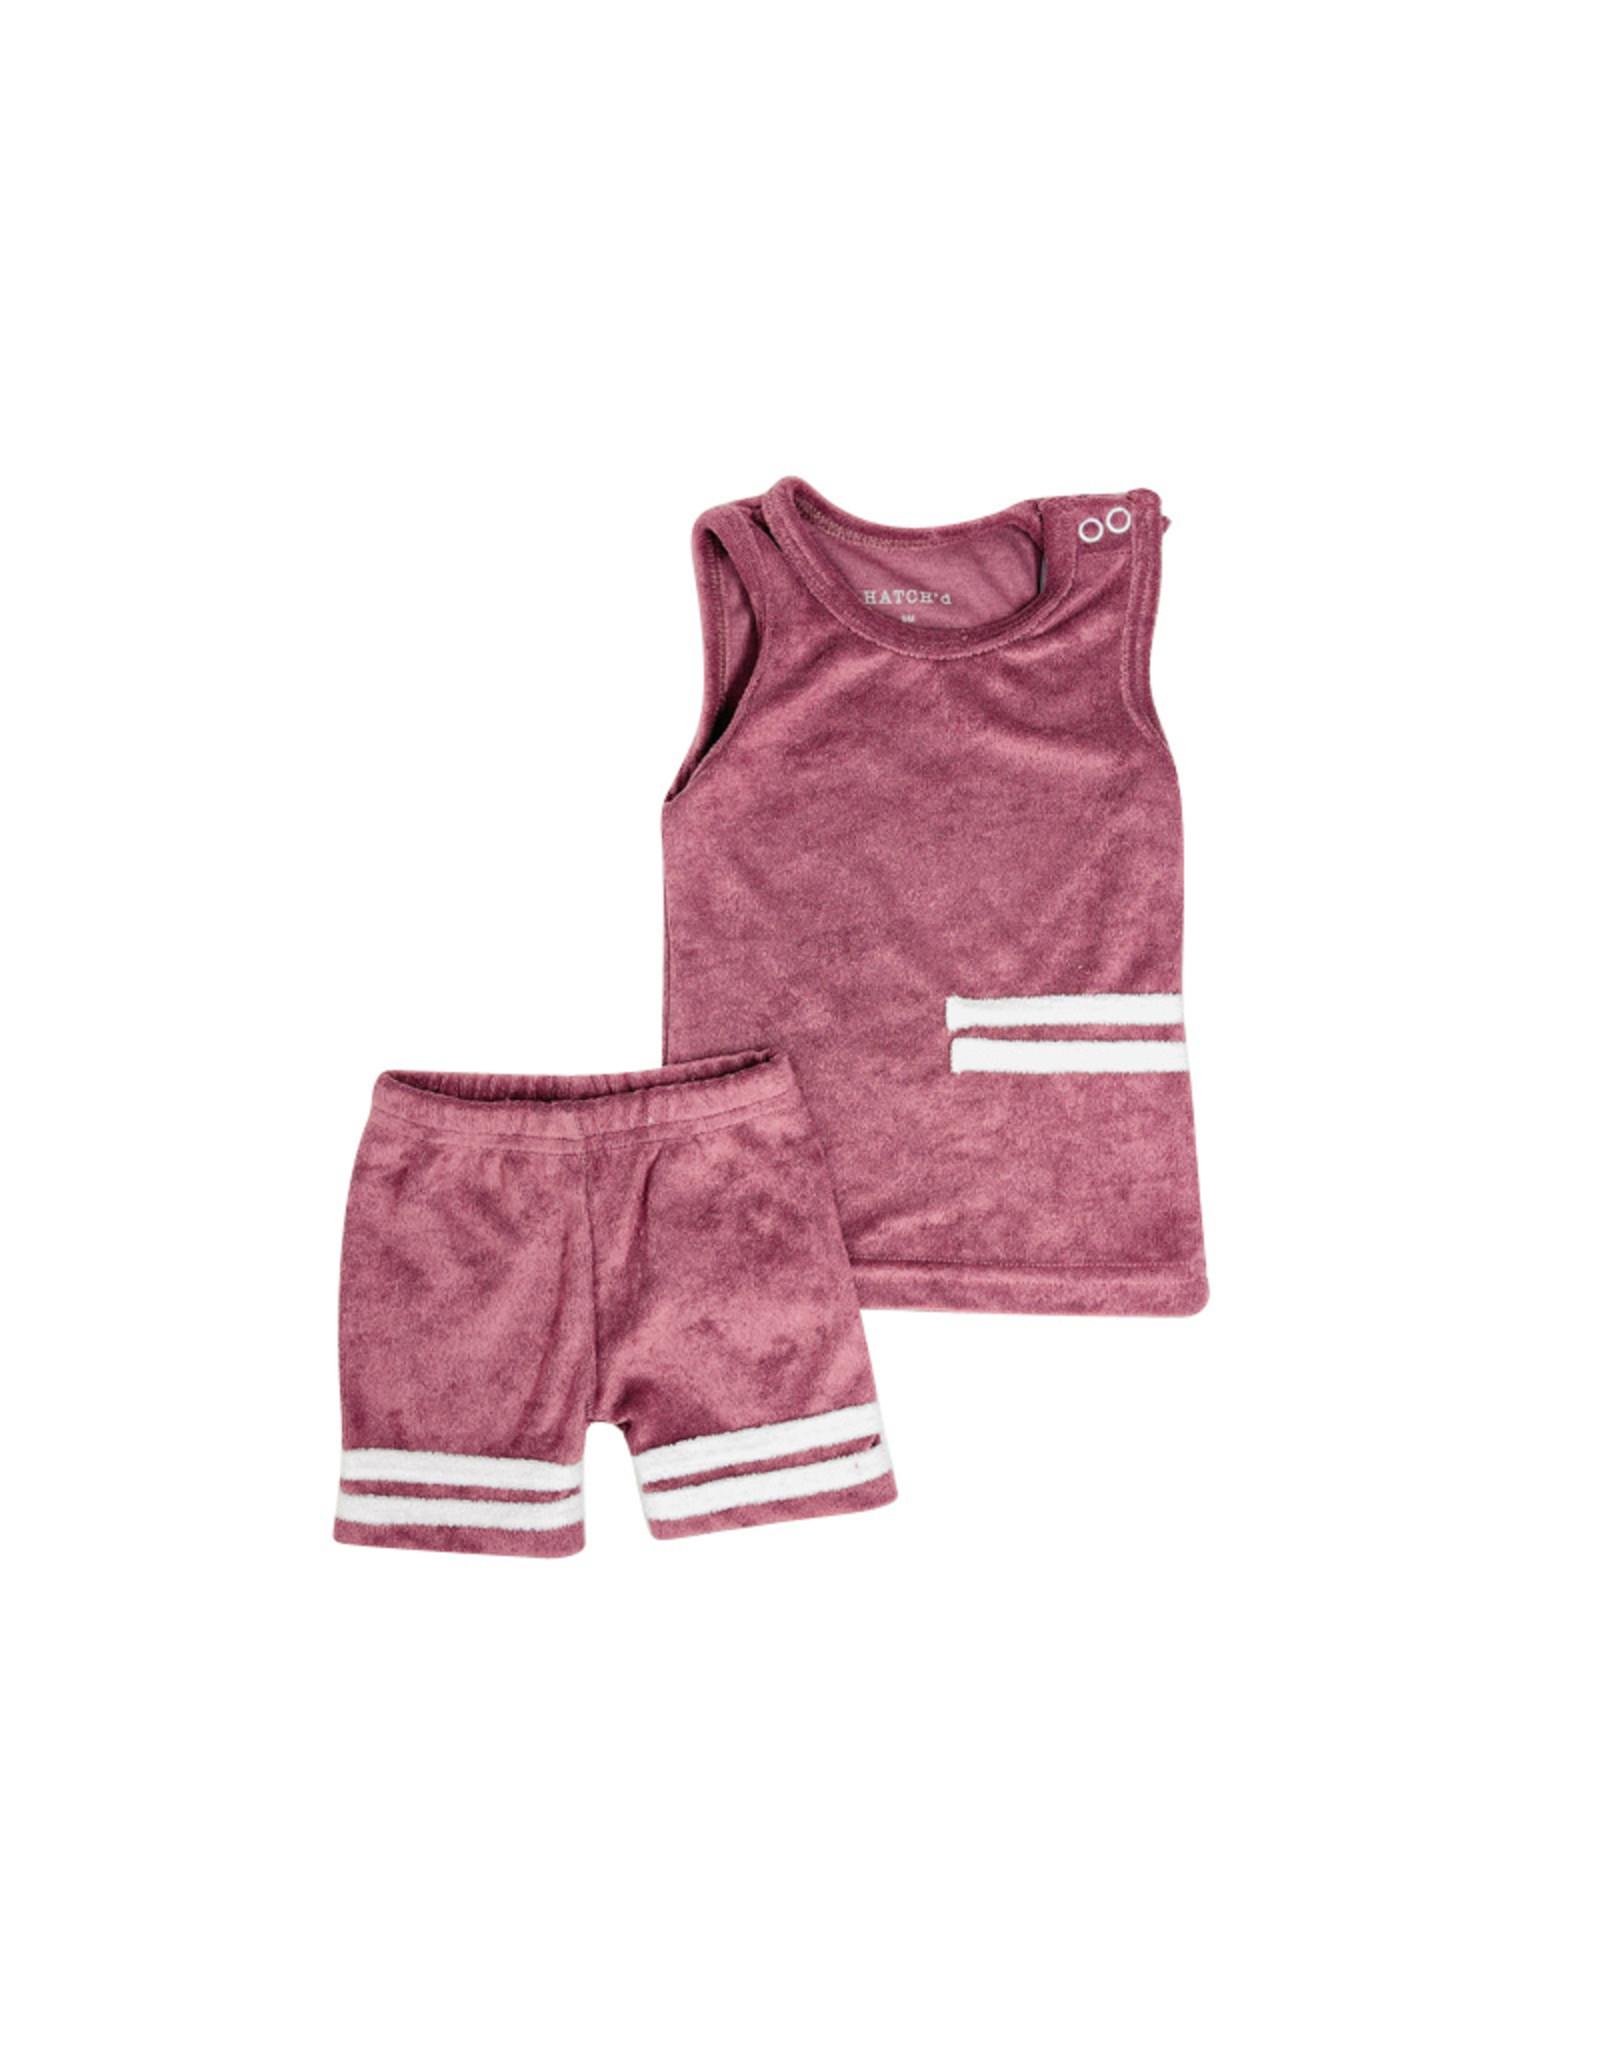 HATCH'd HATCH'D Sport Terry Set (Tank/Shorts)